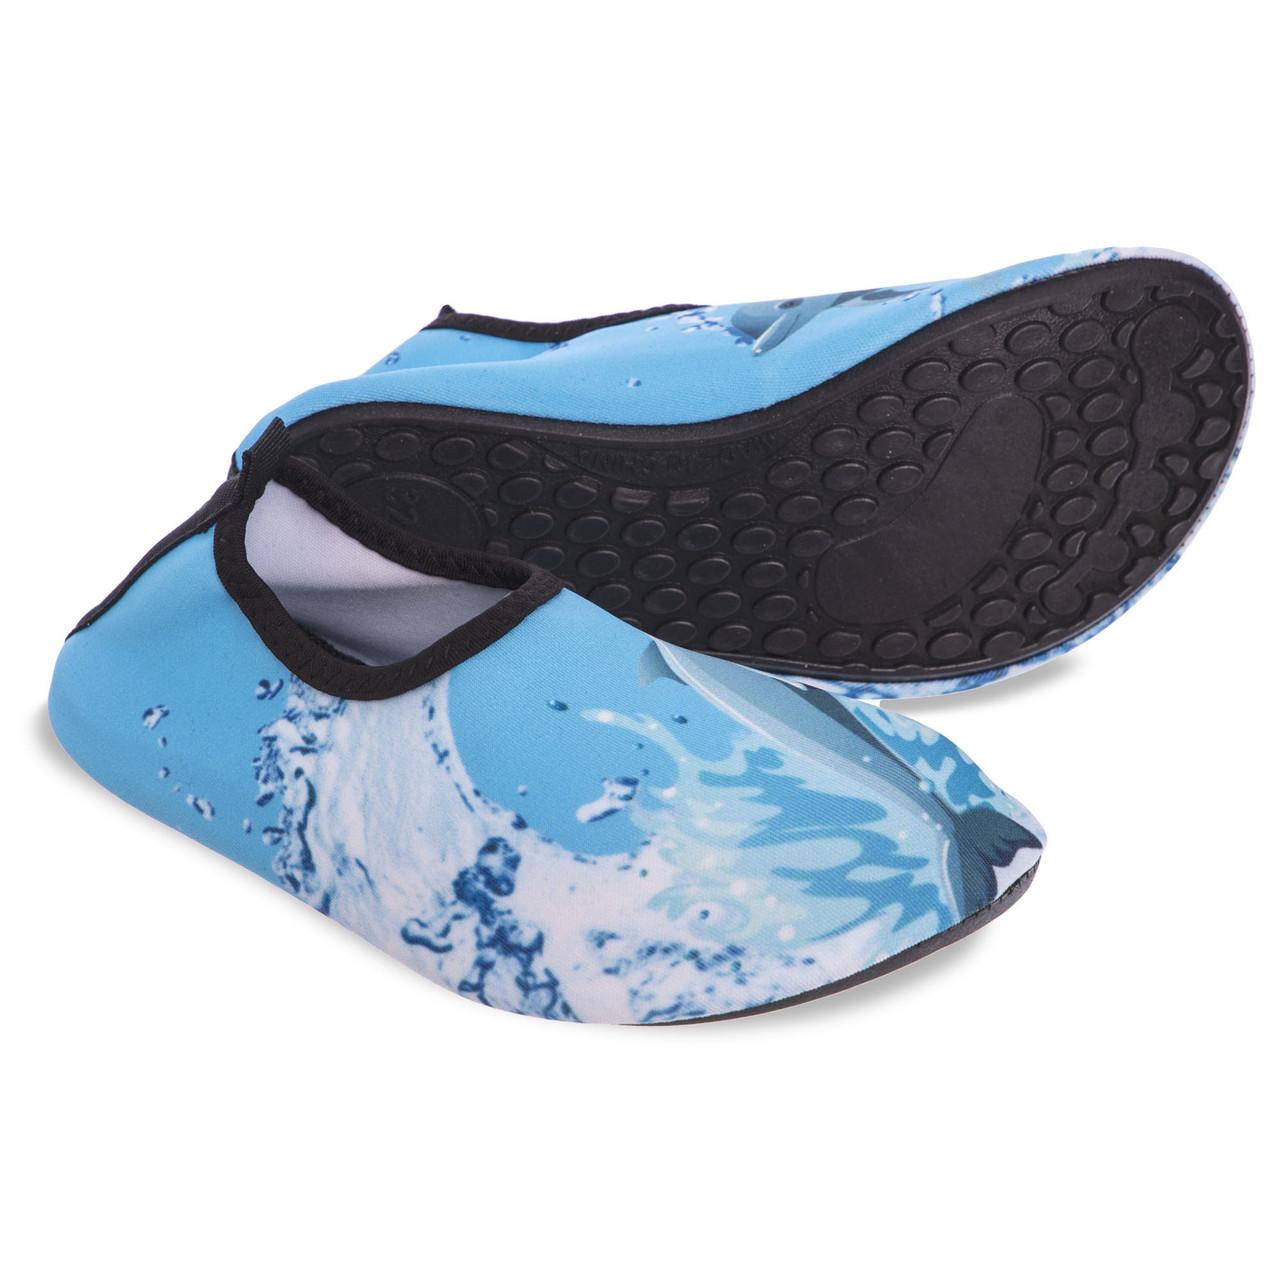 Взуття Skin Shoes дитяча Дельфін блакитна PL-6963-BL